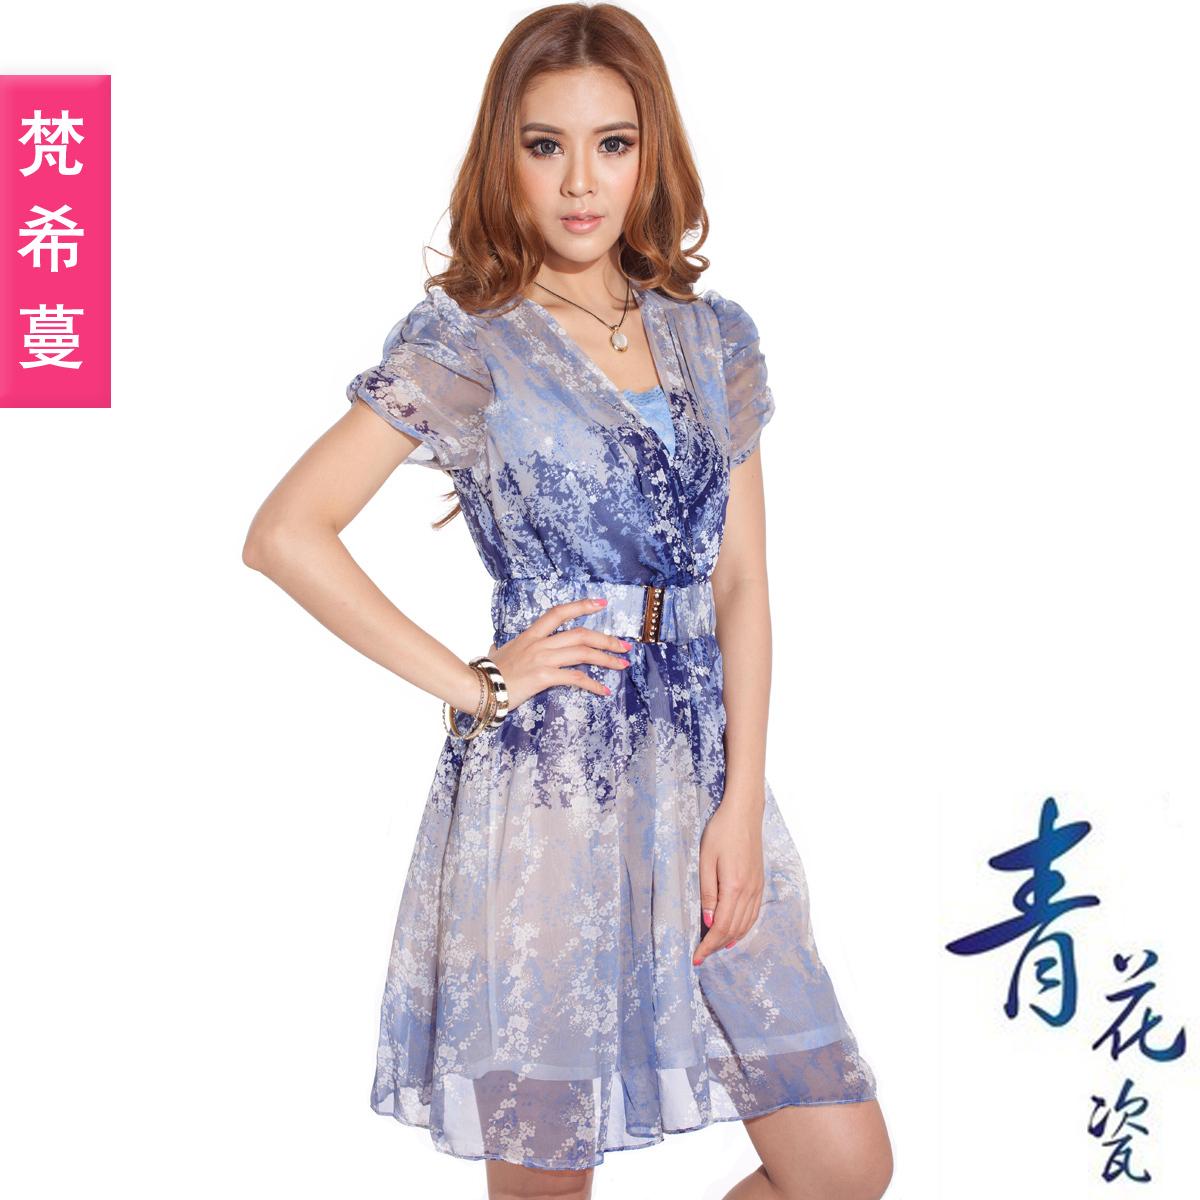 Женское платье Givenchy spread 87565 2012 Лето 2012 Шифон